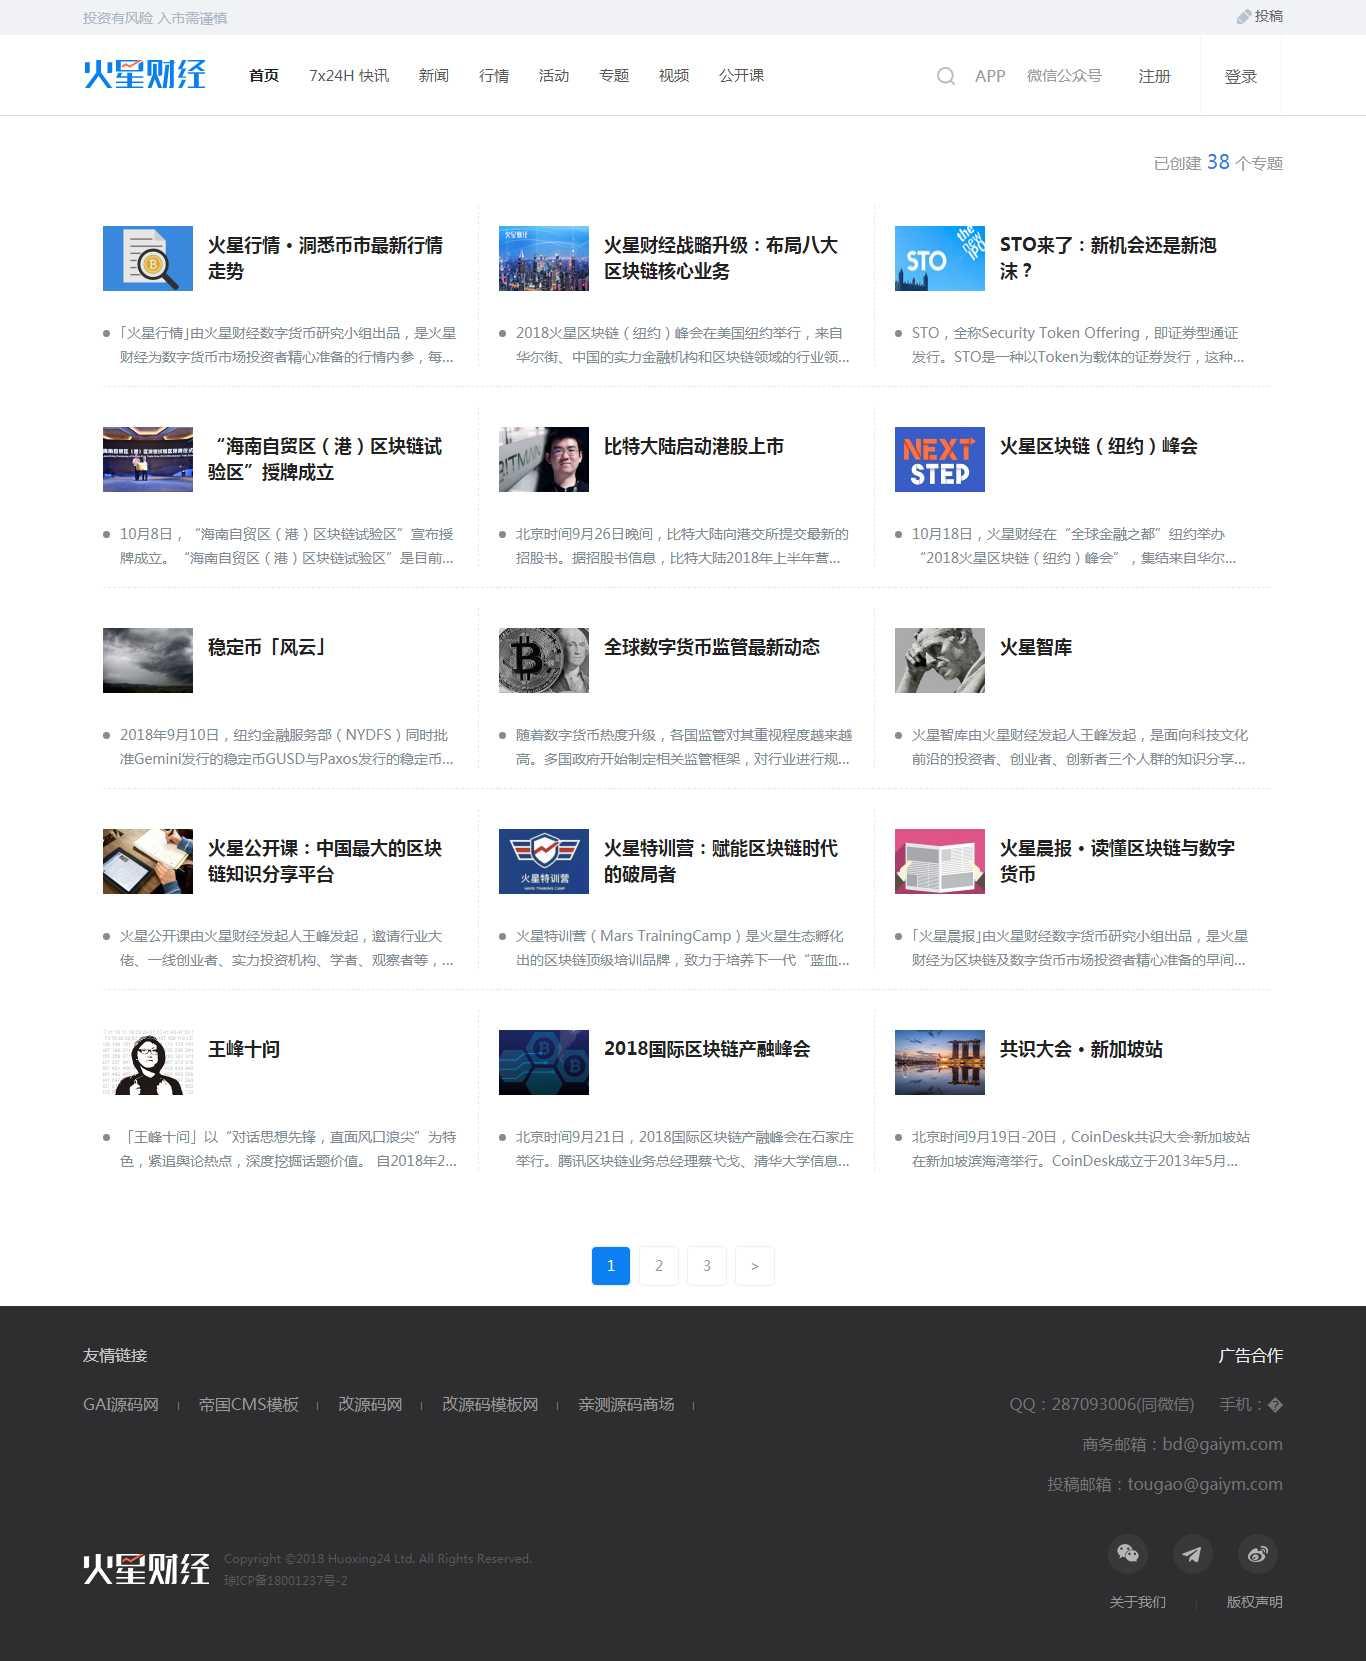 亲测仿《火星财经》源码 帝国CMS模板源码 虚拟货币门户网站模板 会员投稿+行情数据+手机版